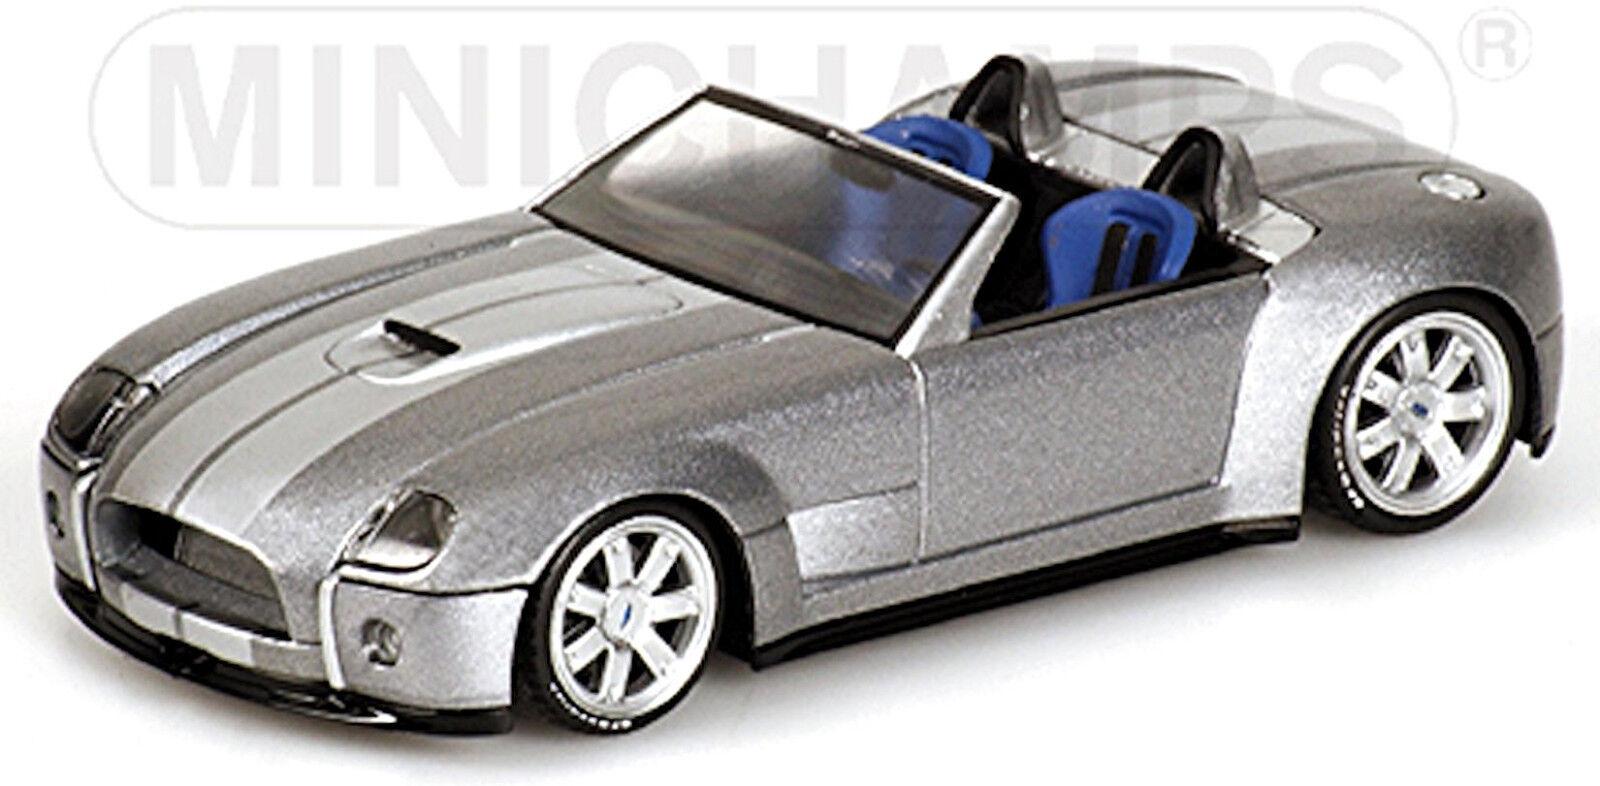 Ford Shelby Cobra Concept Car 2004 grau grau metallic 1 43 Minichamps  | München Online Shop